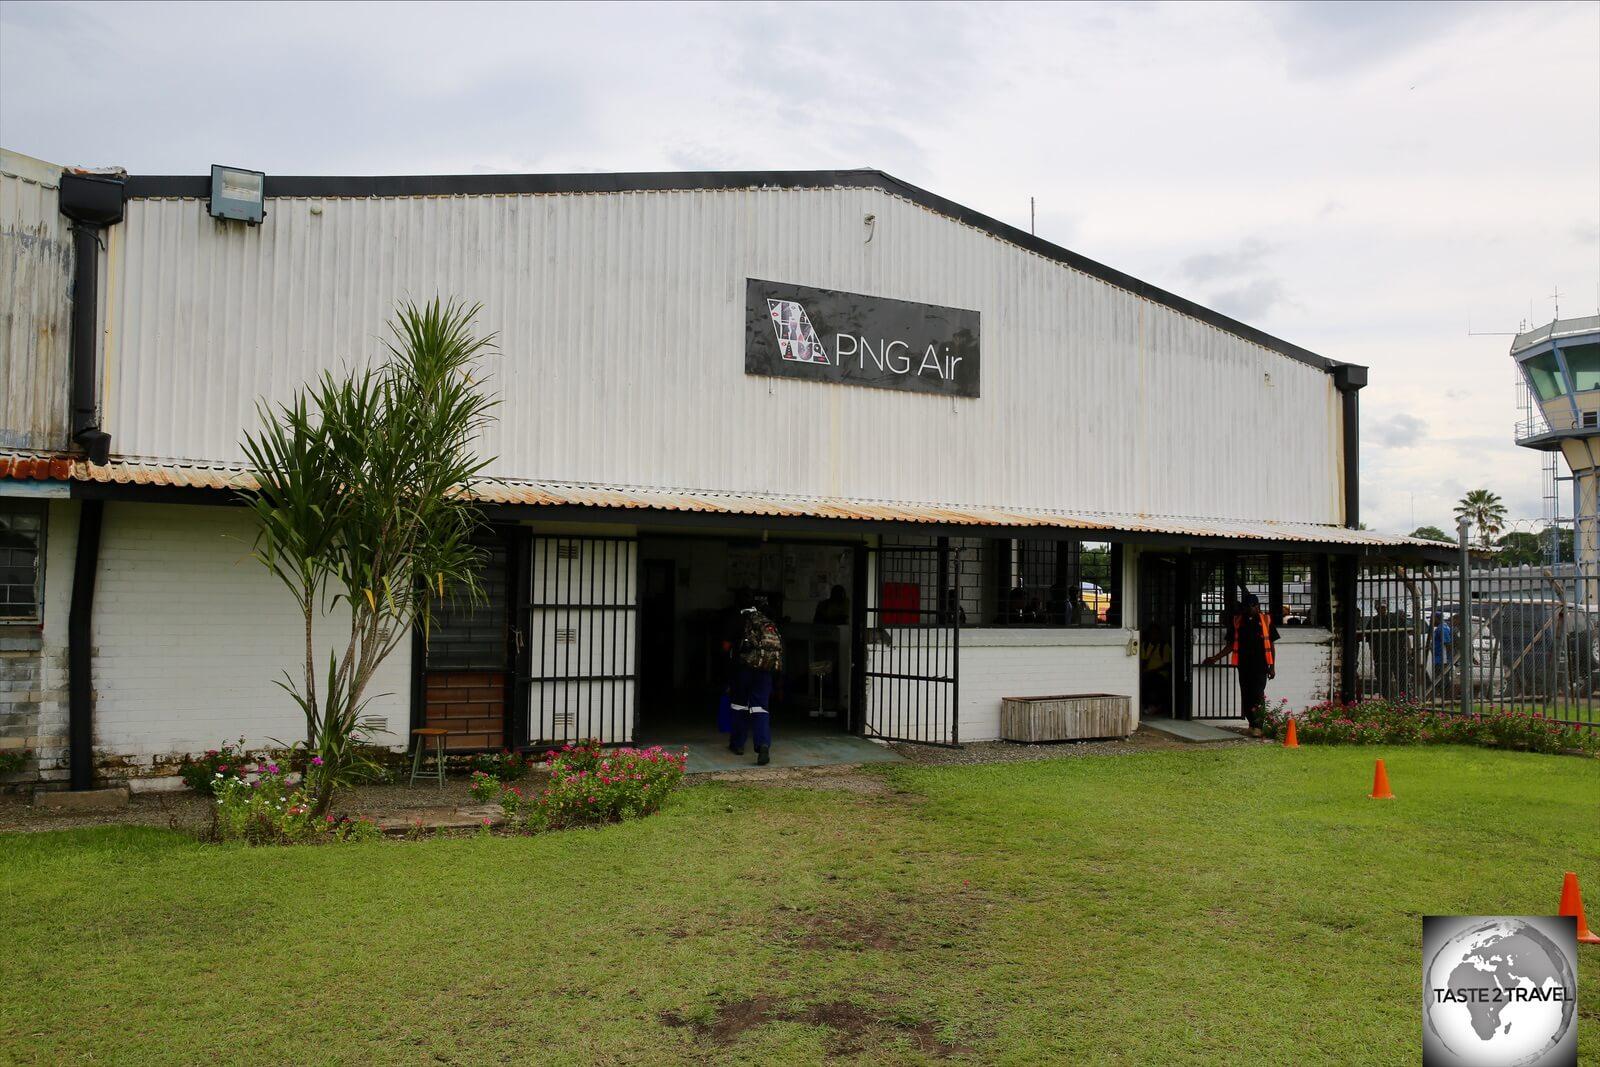 The PNG Air terminal at Madang airport.